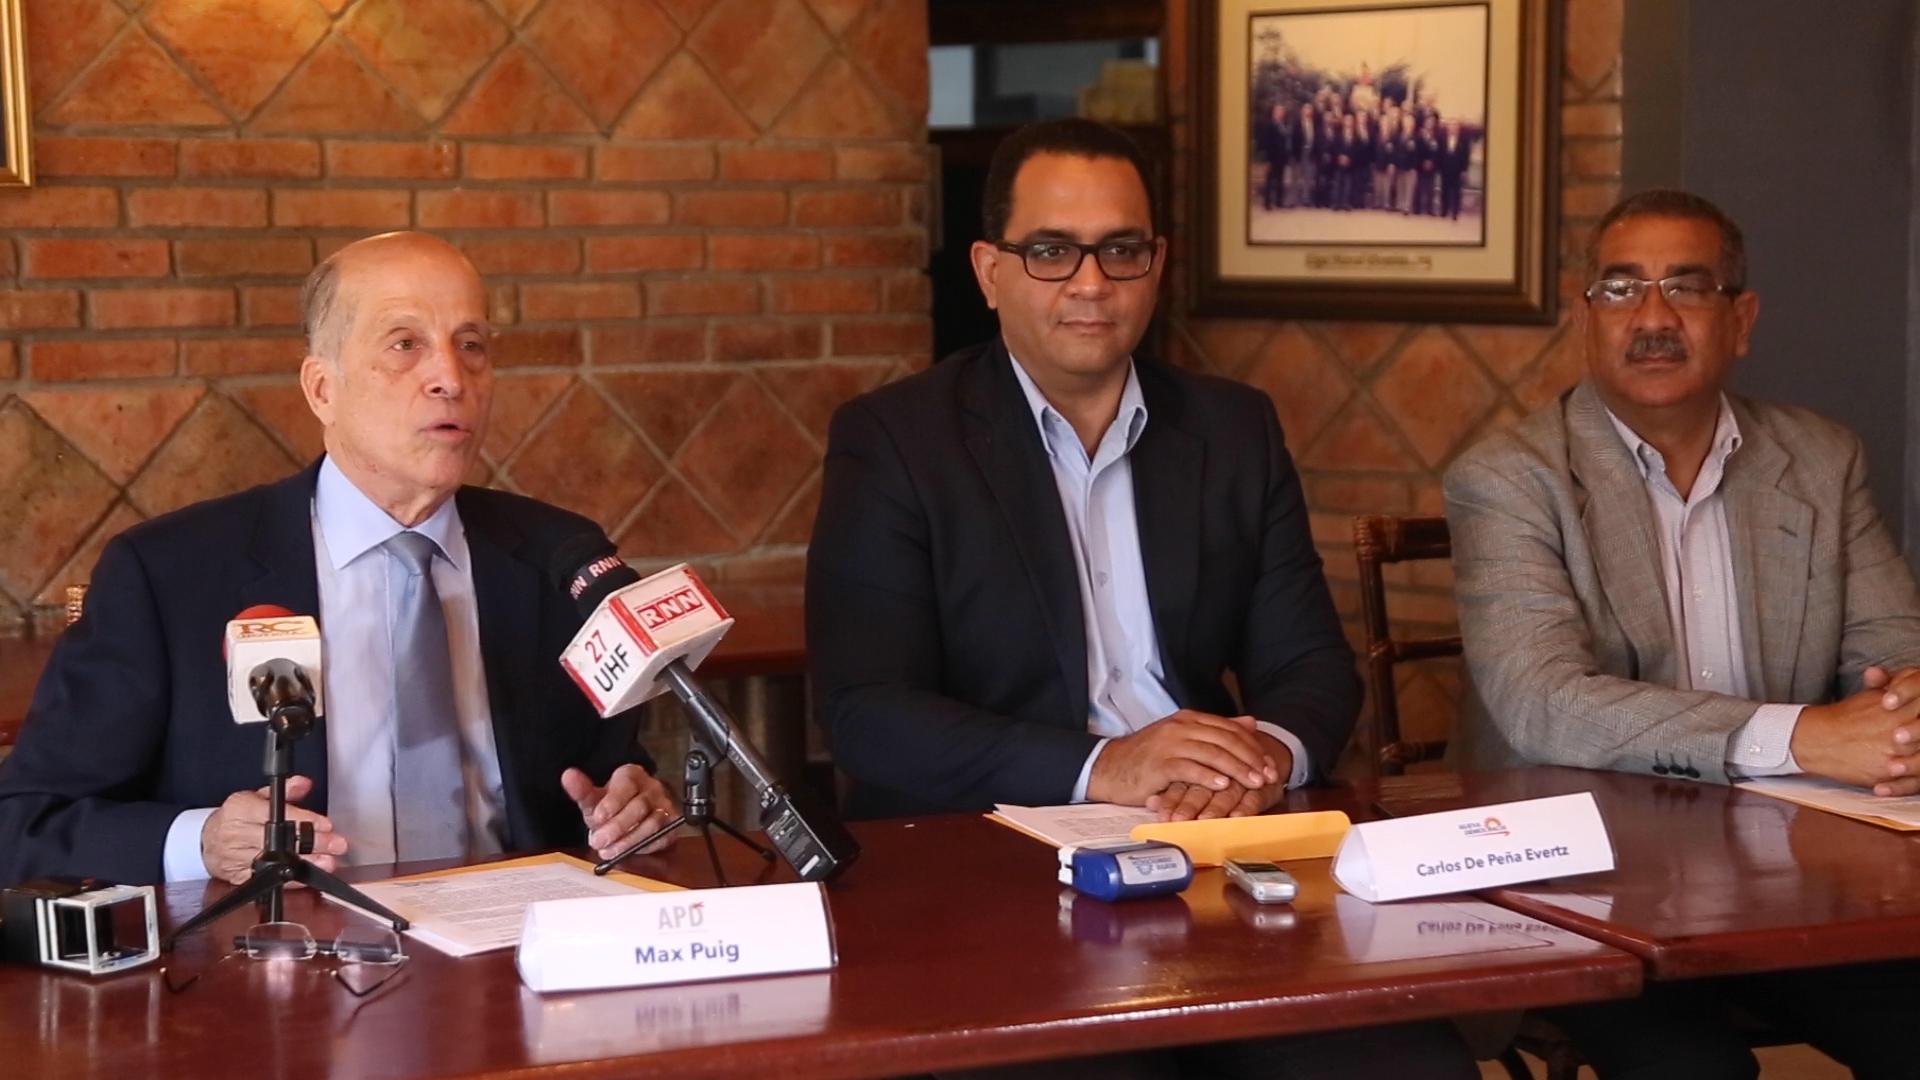 acuerdo político, APD firma acuerdo político: Anuncia precandidatura de Carlos De Peña Evertsz como Senador por el DN